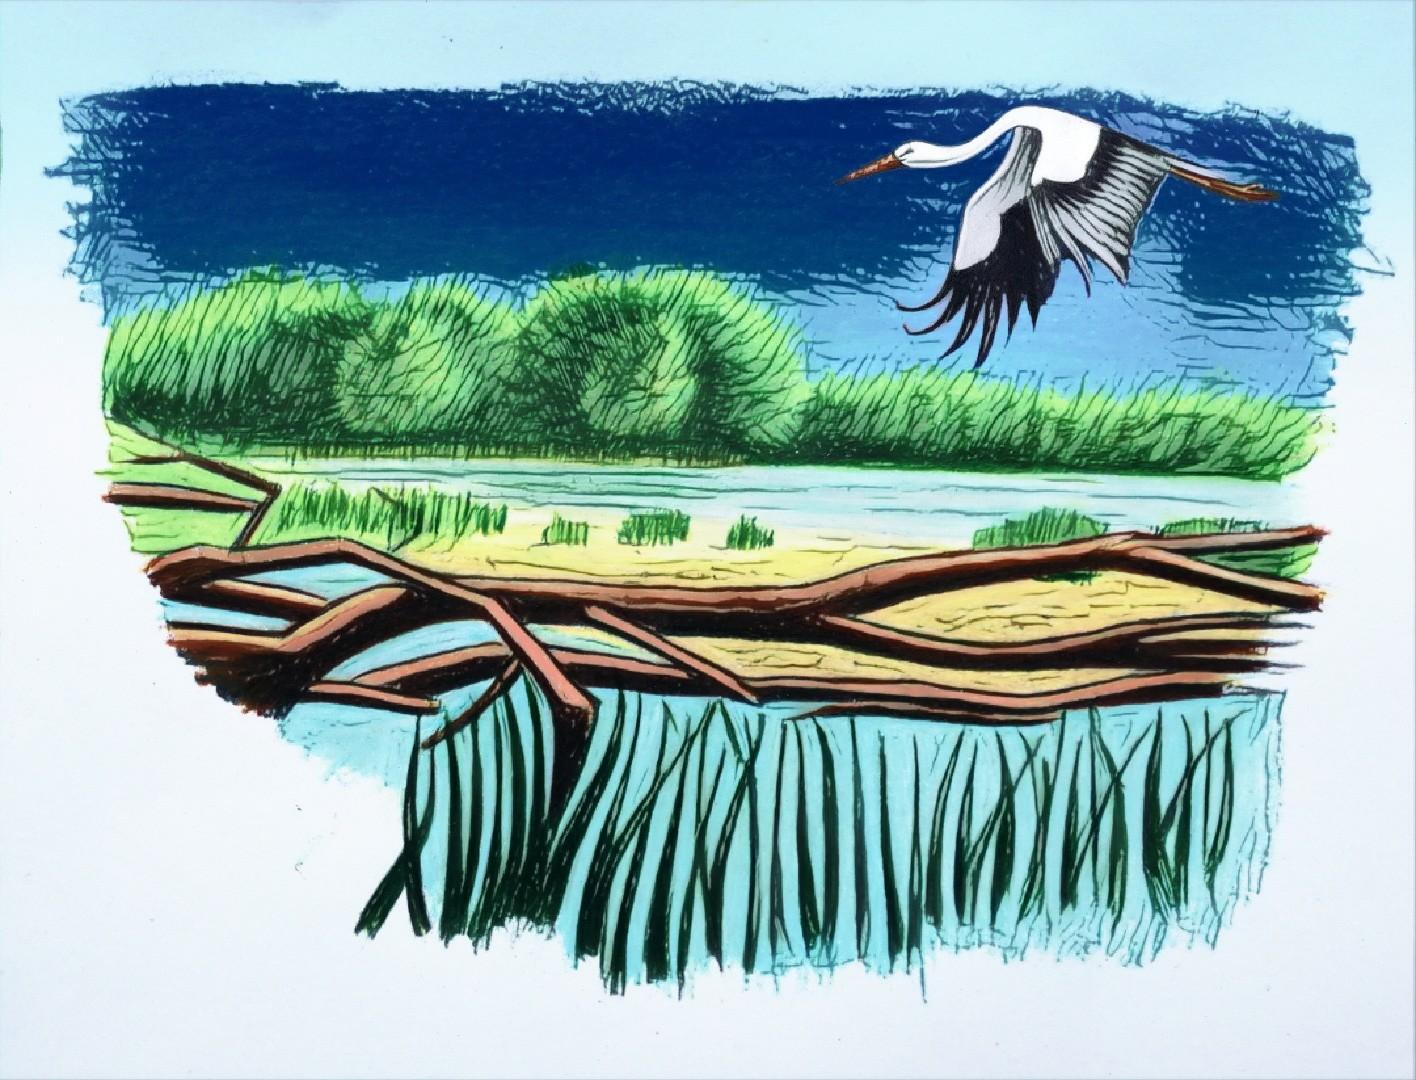 Illustration für Storchenforscher.ch